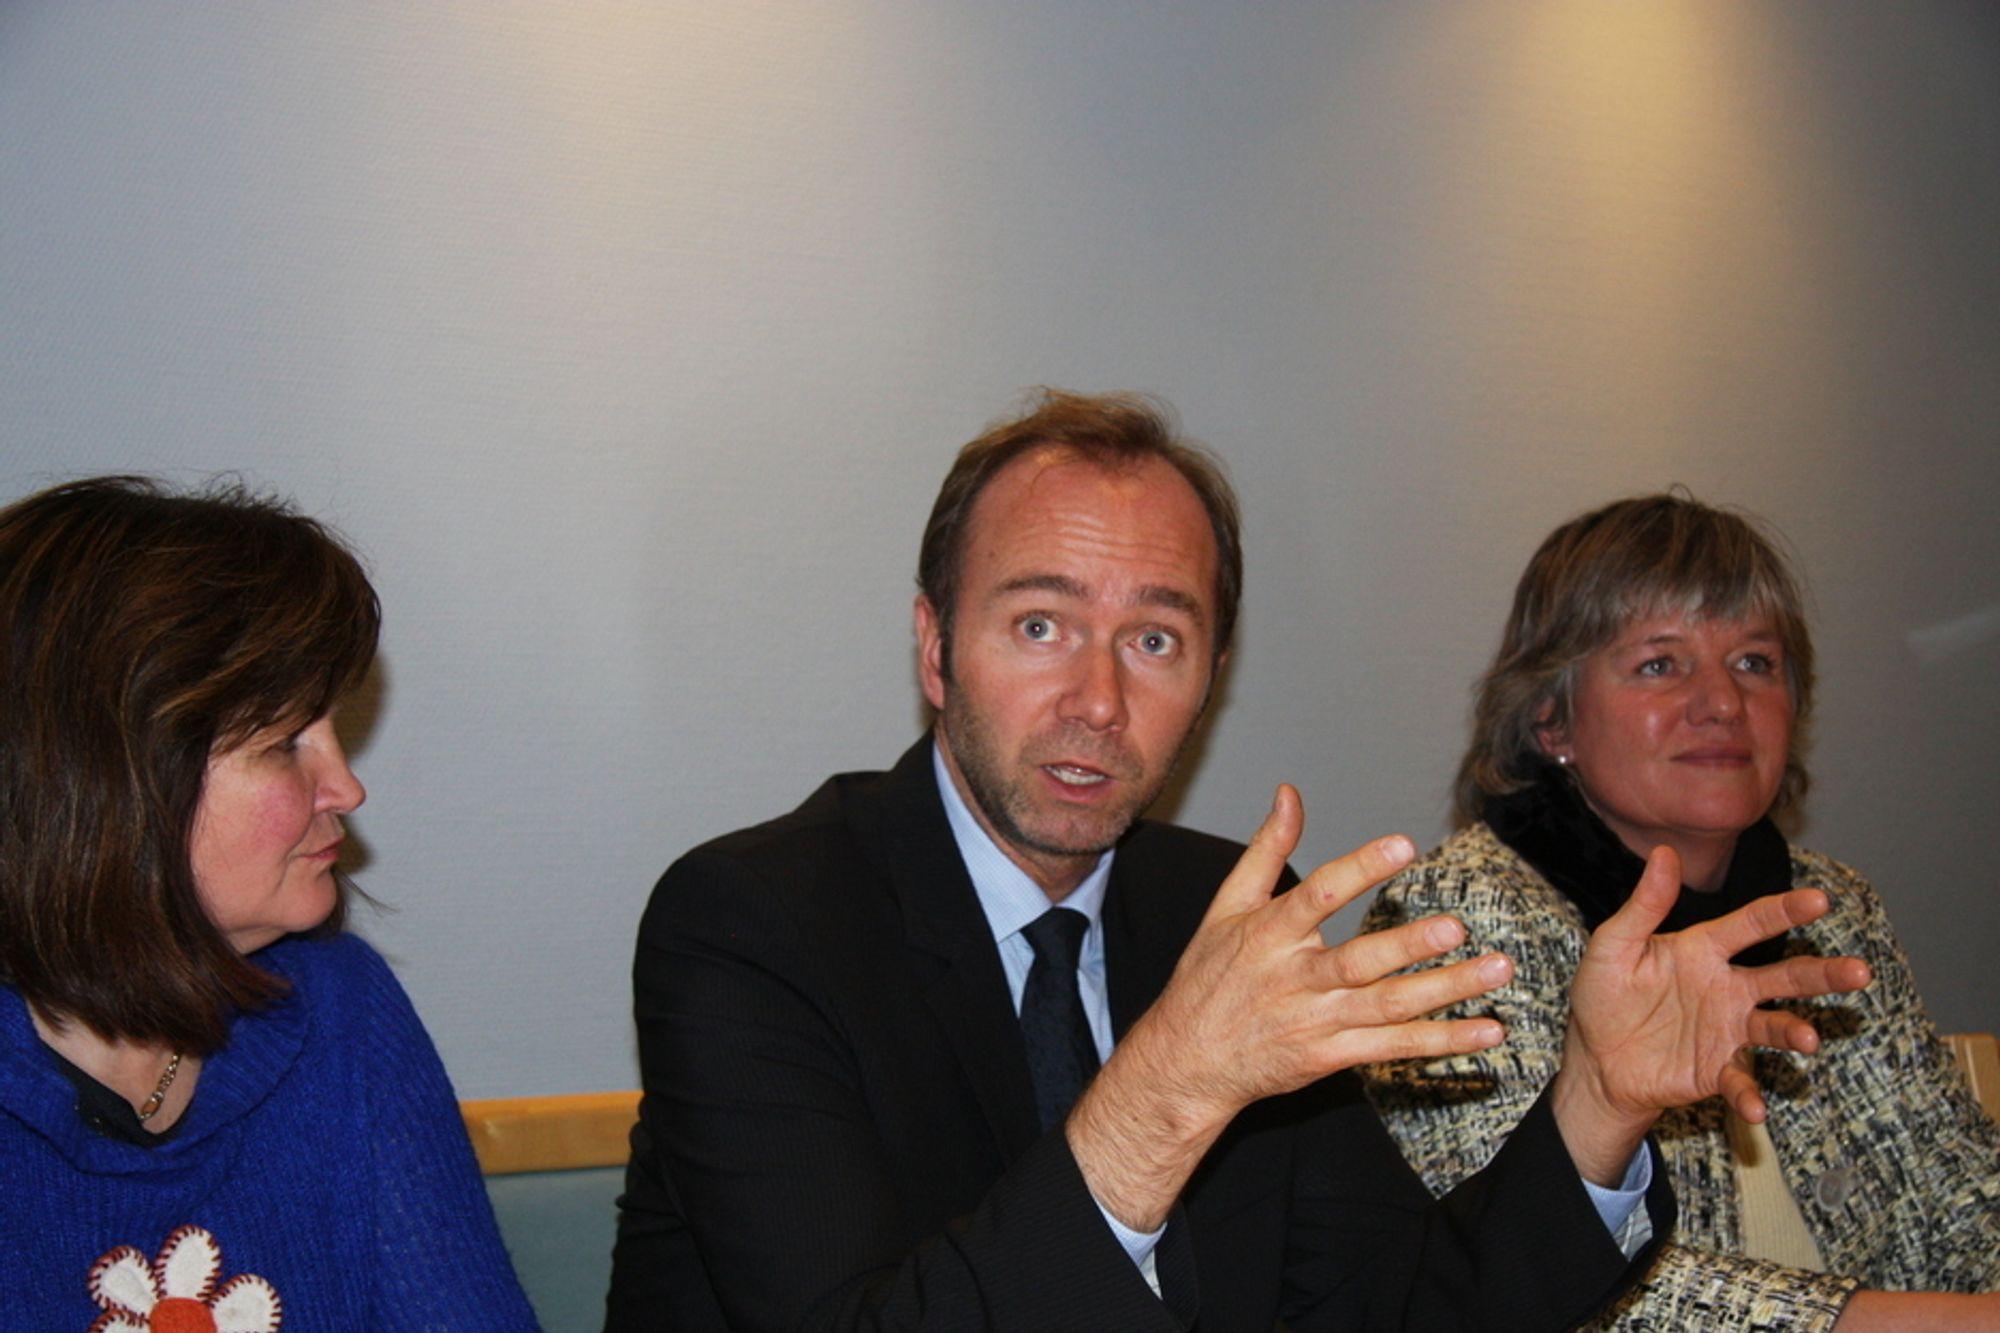 OM INDUSTRIEN: Næringsminister Trond Giske møtte Gunn Ovesen fra Innovasjon Norge (til v.) og Gisele Marchand fra Eksportfinans i dag.